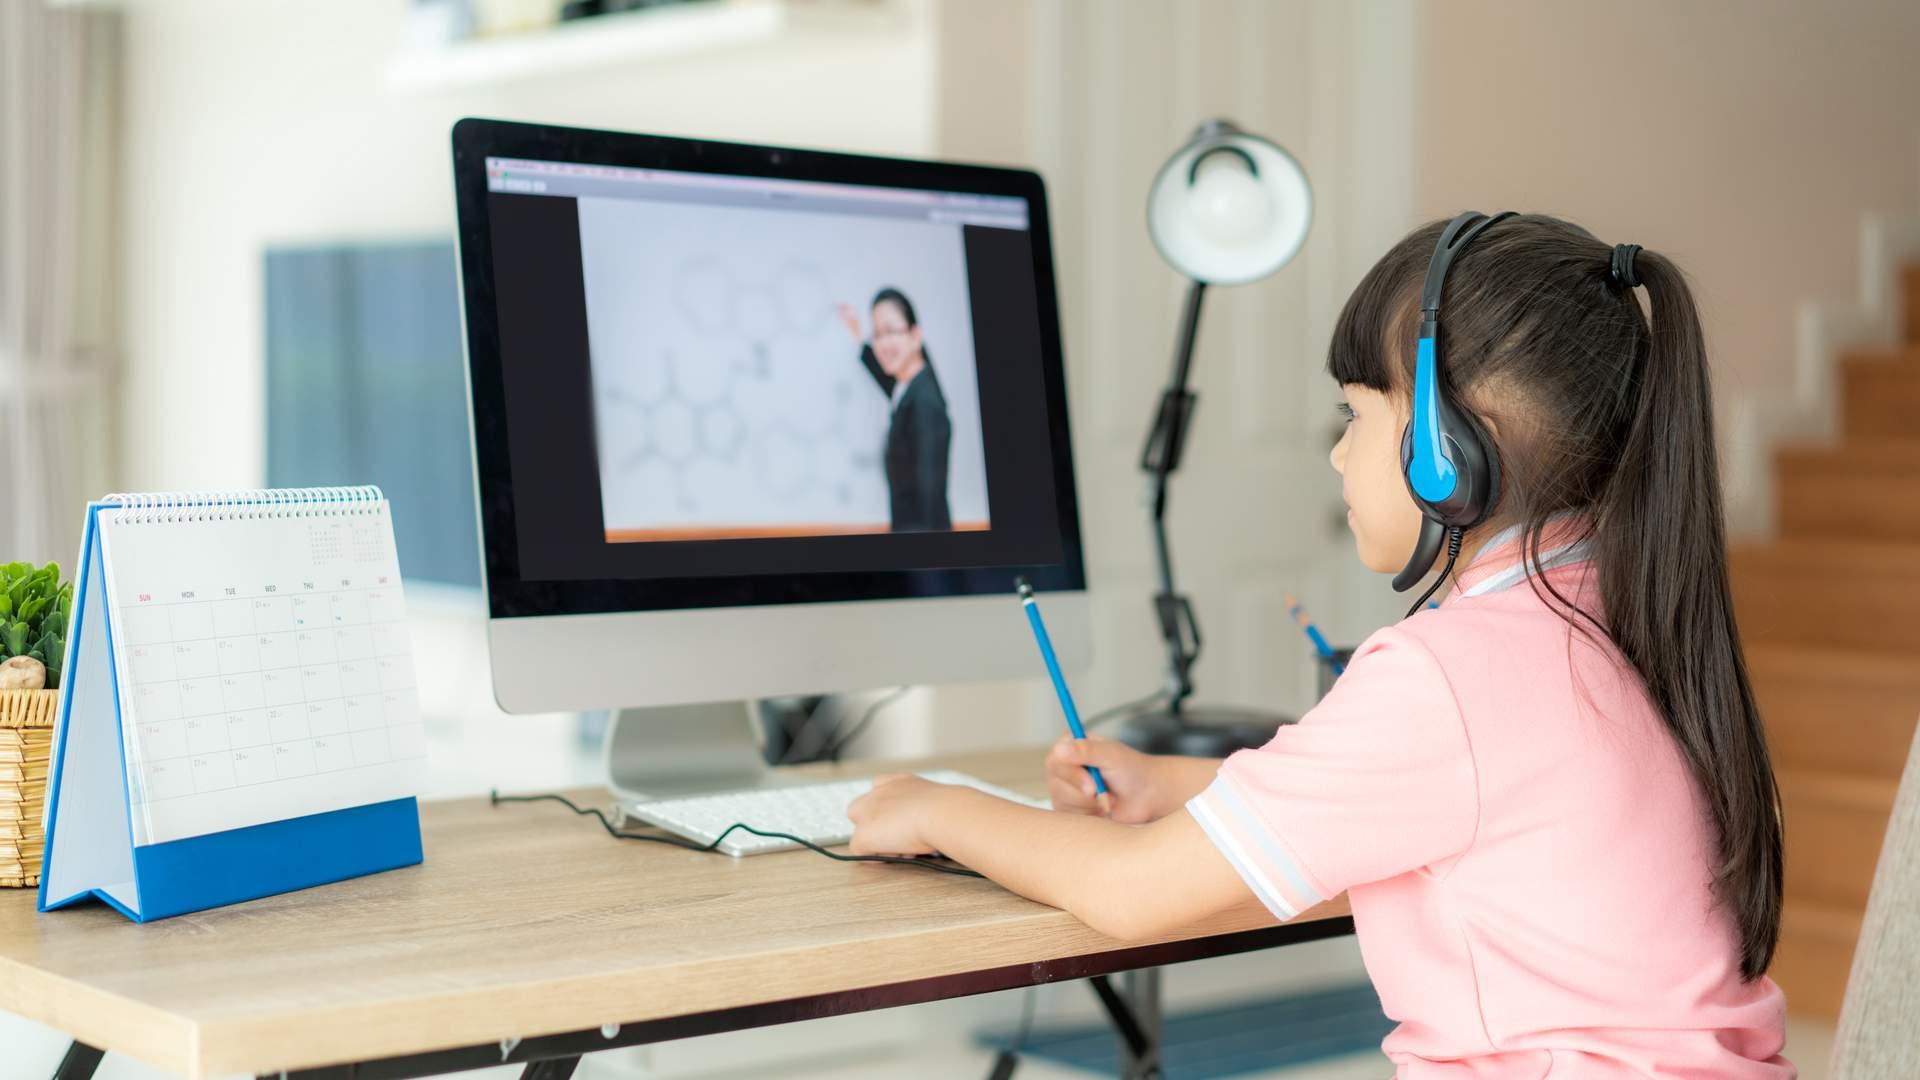 Menina assistindo videoaula em monitor sobre mesa de madeira